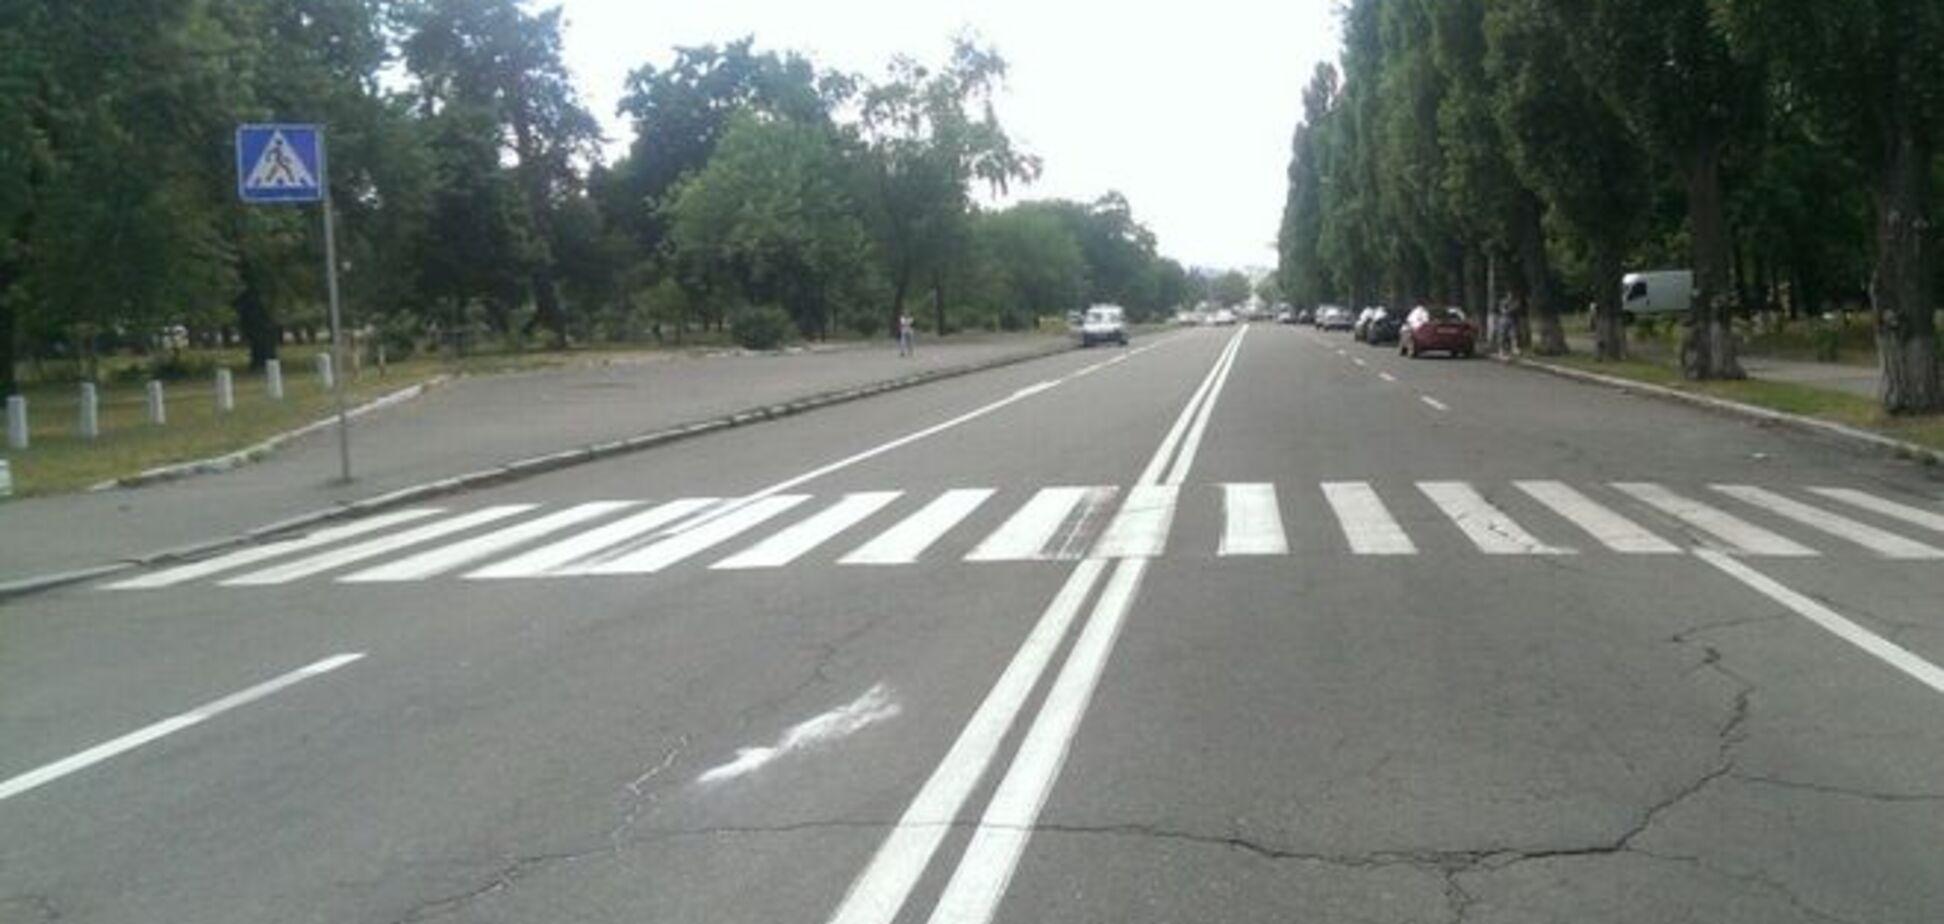 ЧП на зебре в Киеве: автомобиль зацепил коляску с ребенком